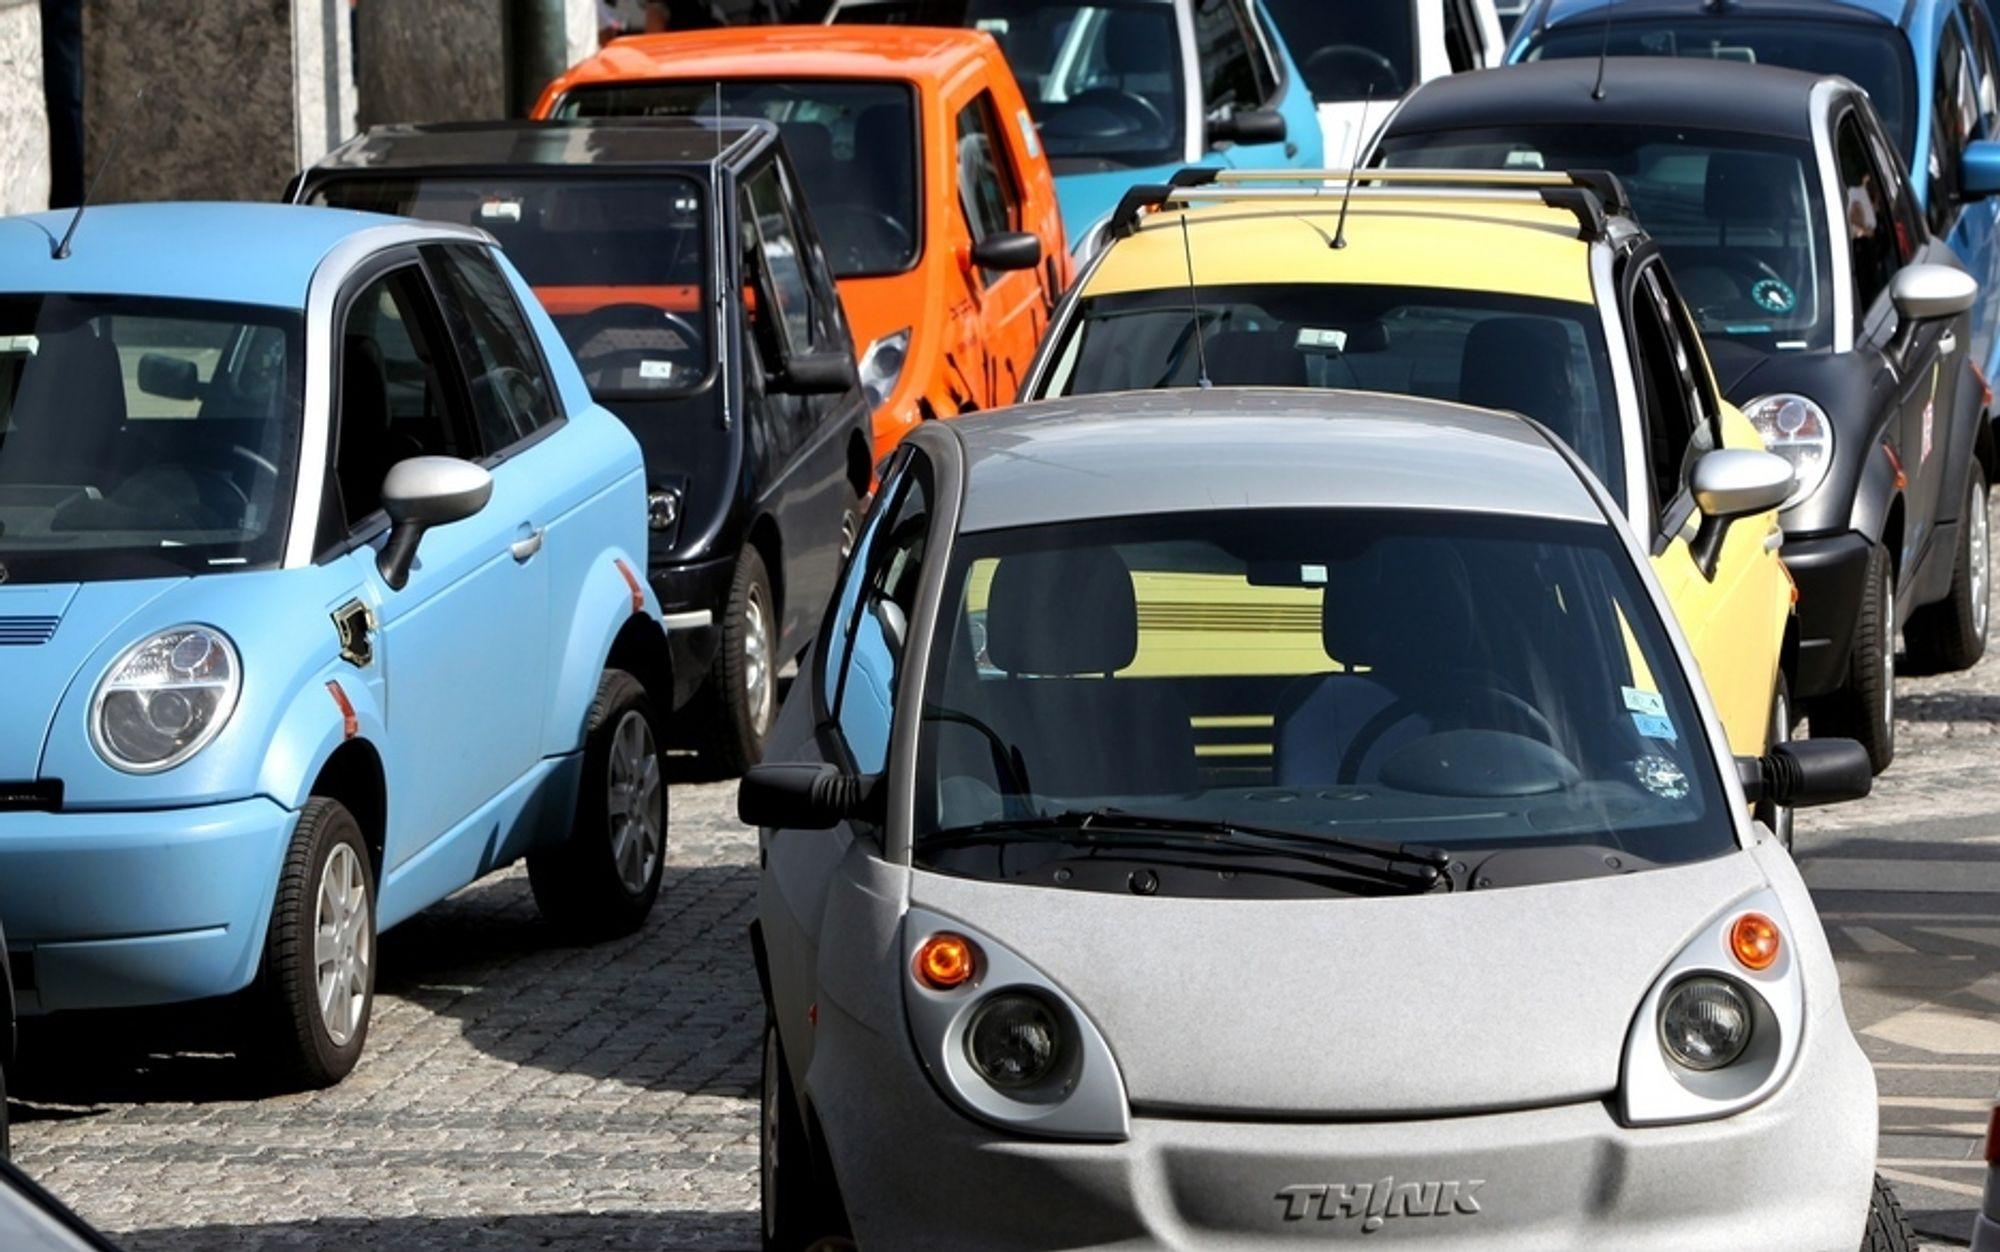 Det ser ut som det er slutt på produksjon av Think-elbiler. Men innmaten, den elektriske drivlinja, kan det være et marked for.